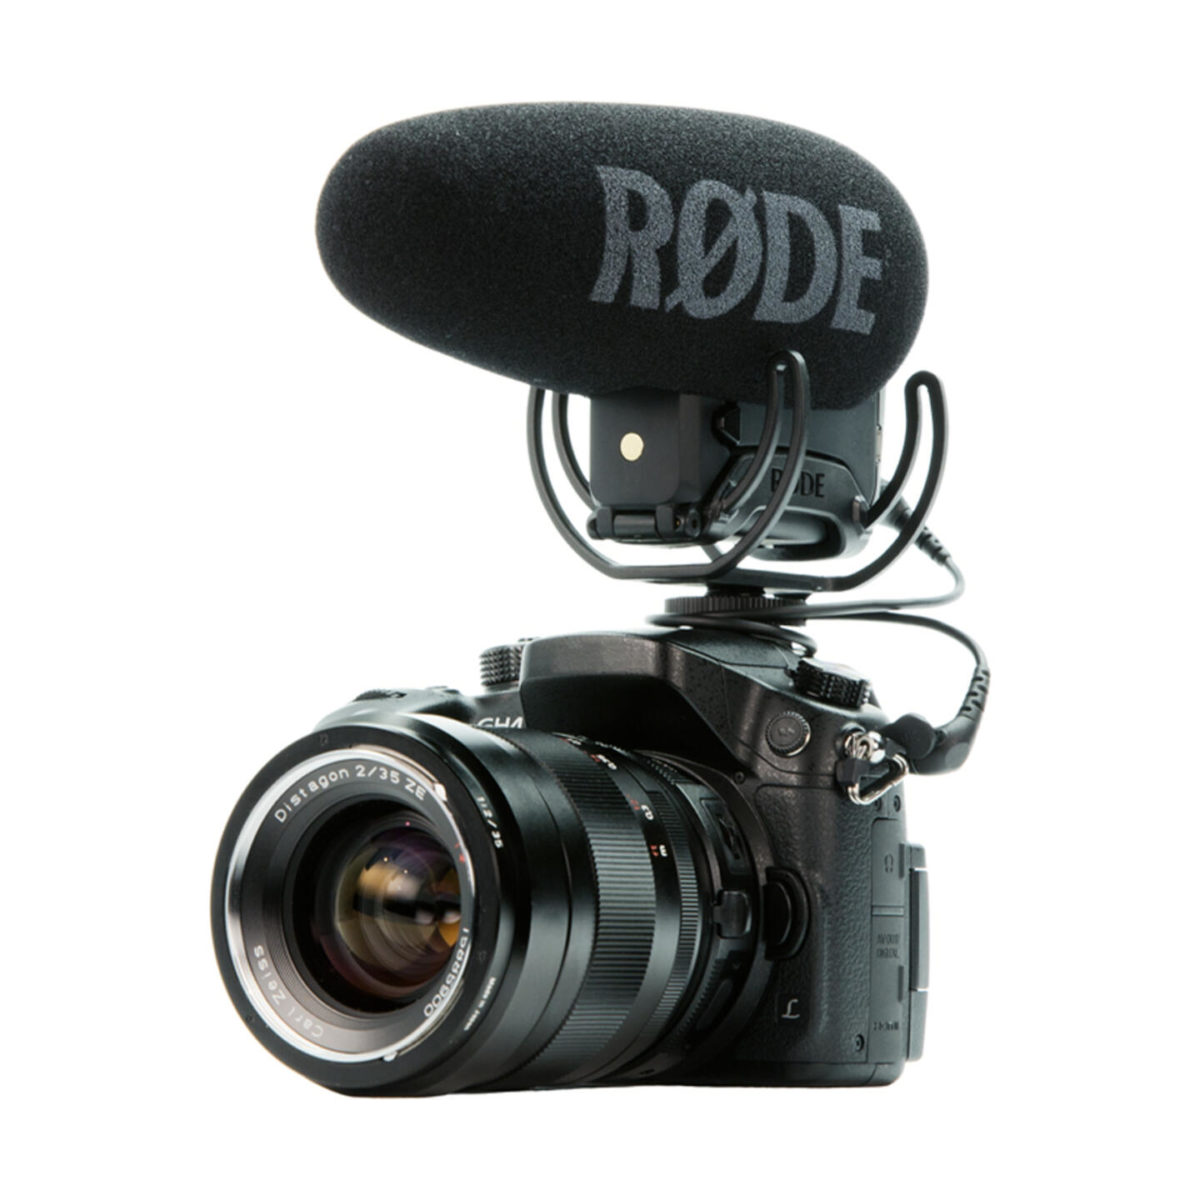 rode_videomic_pro_plus_mikrofon_04